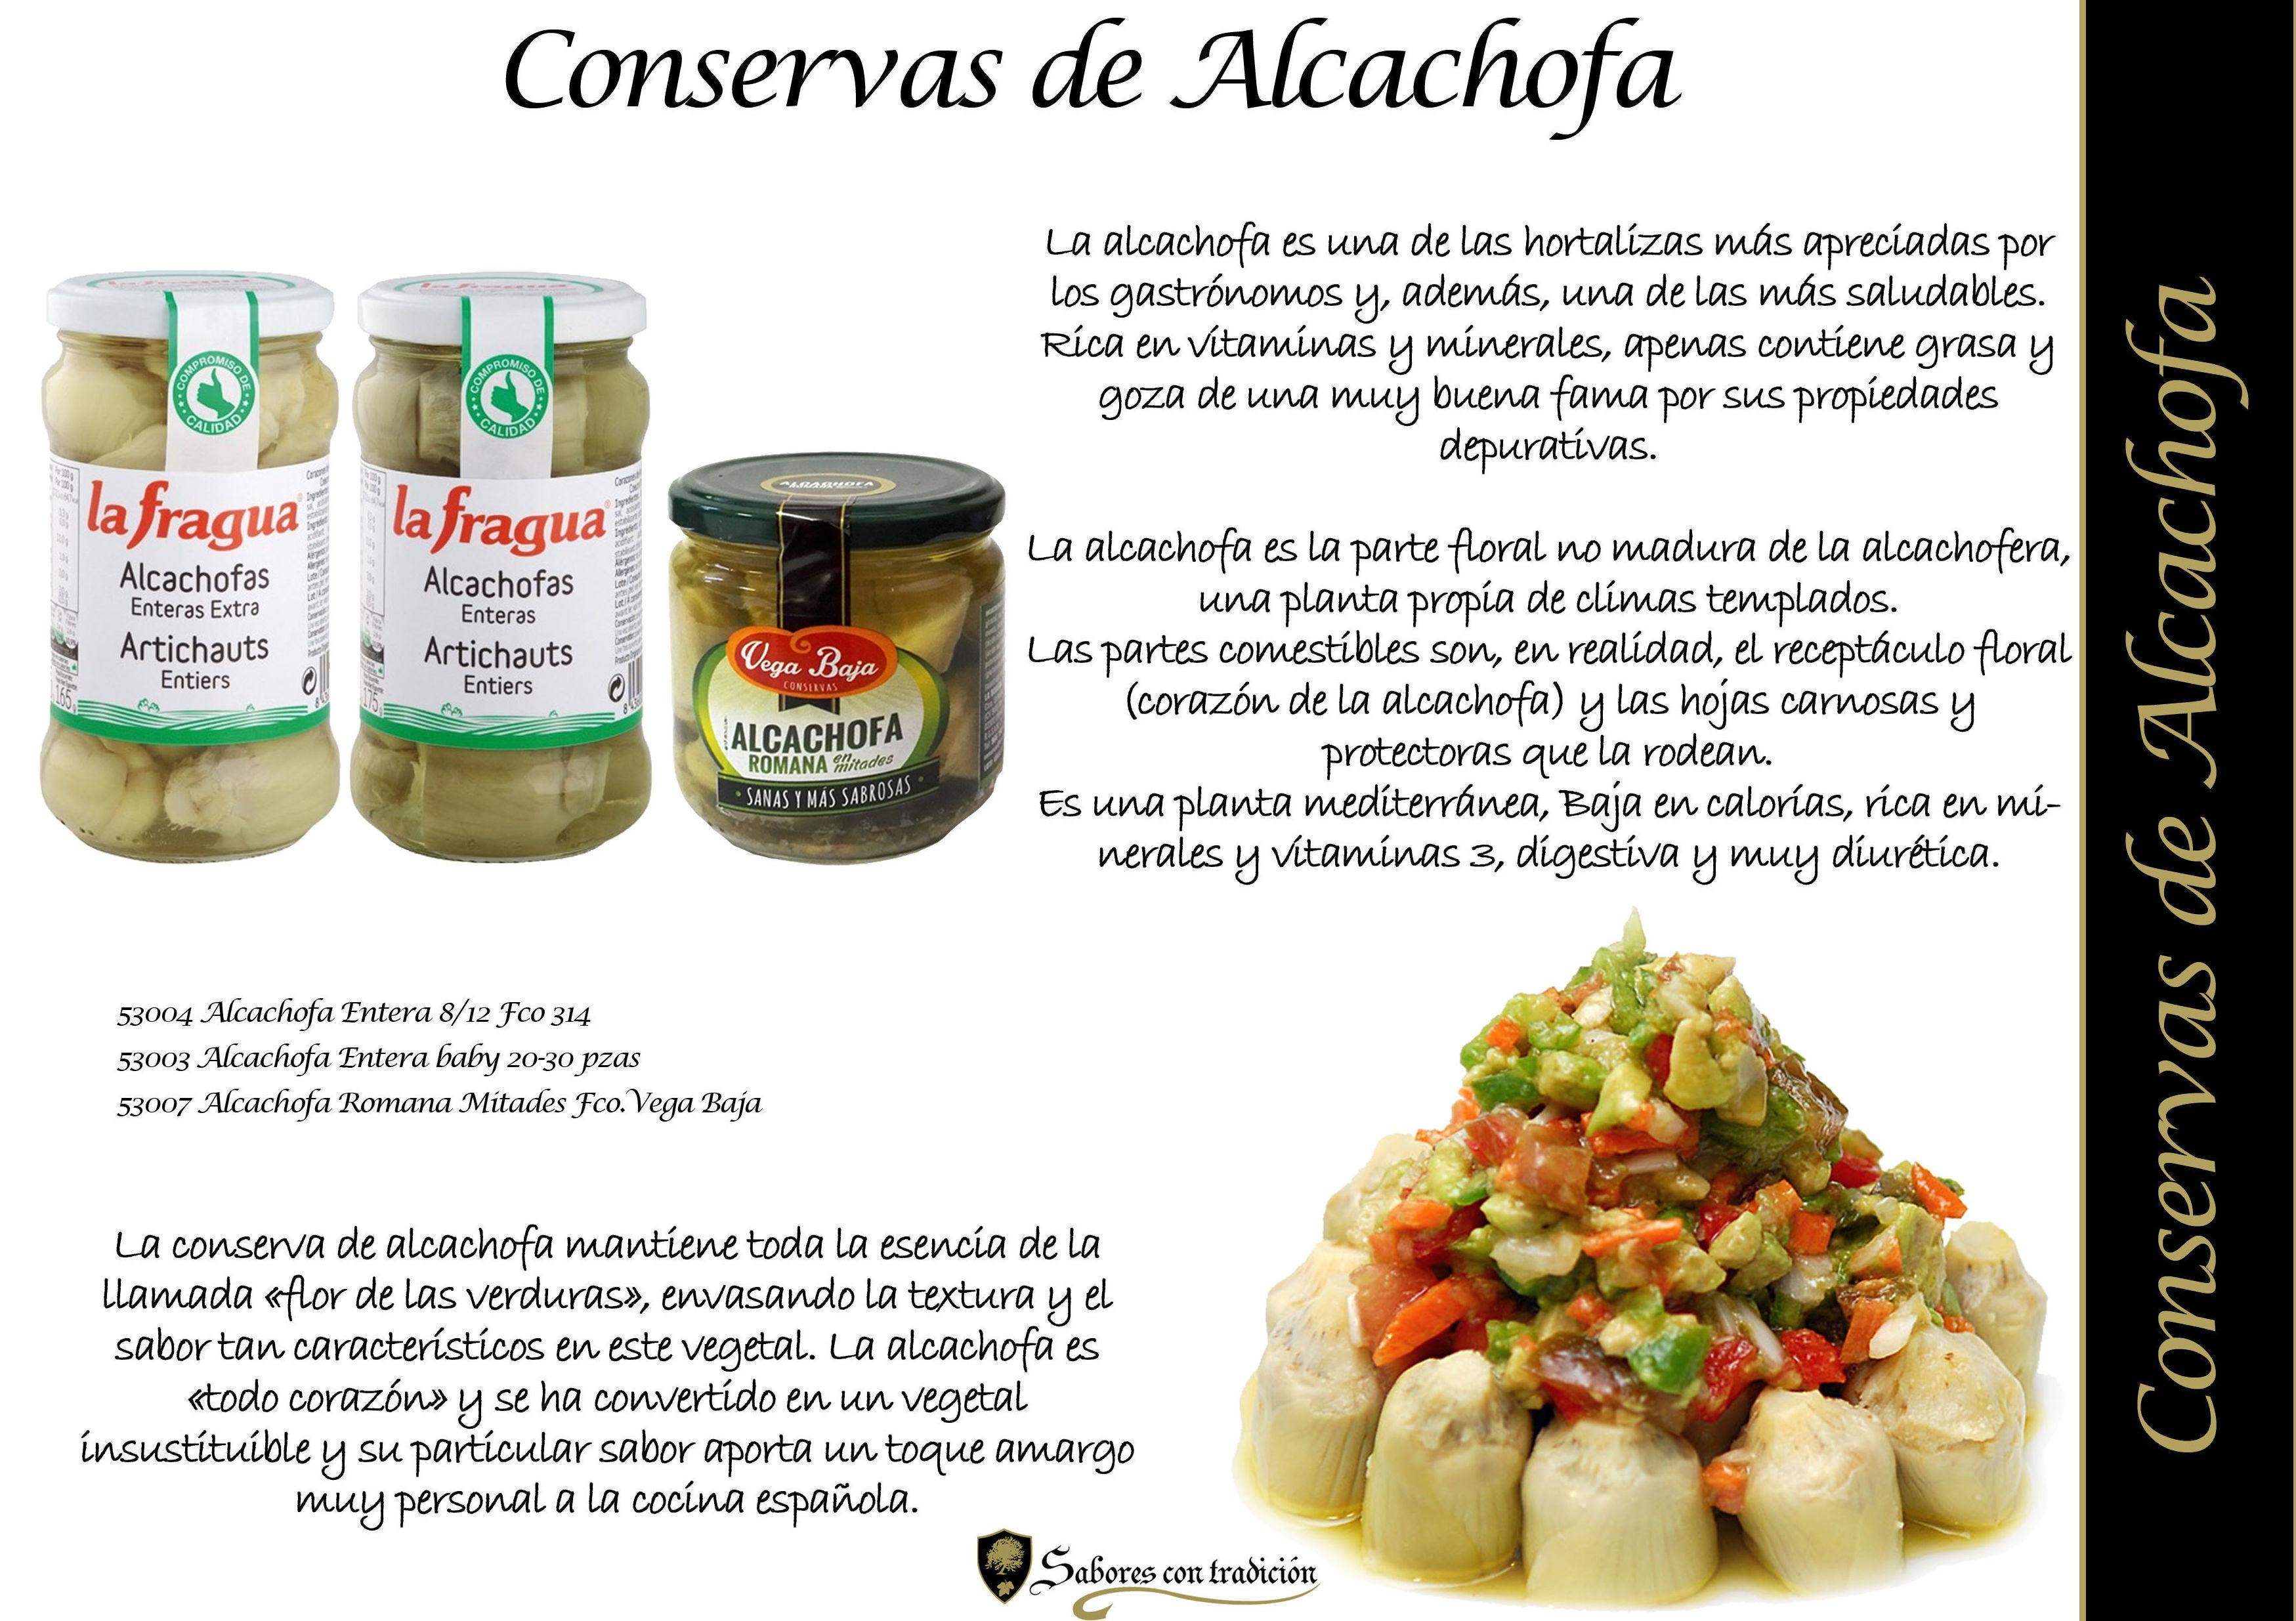 Alcachofas: Productos de Sabores con tradición